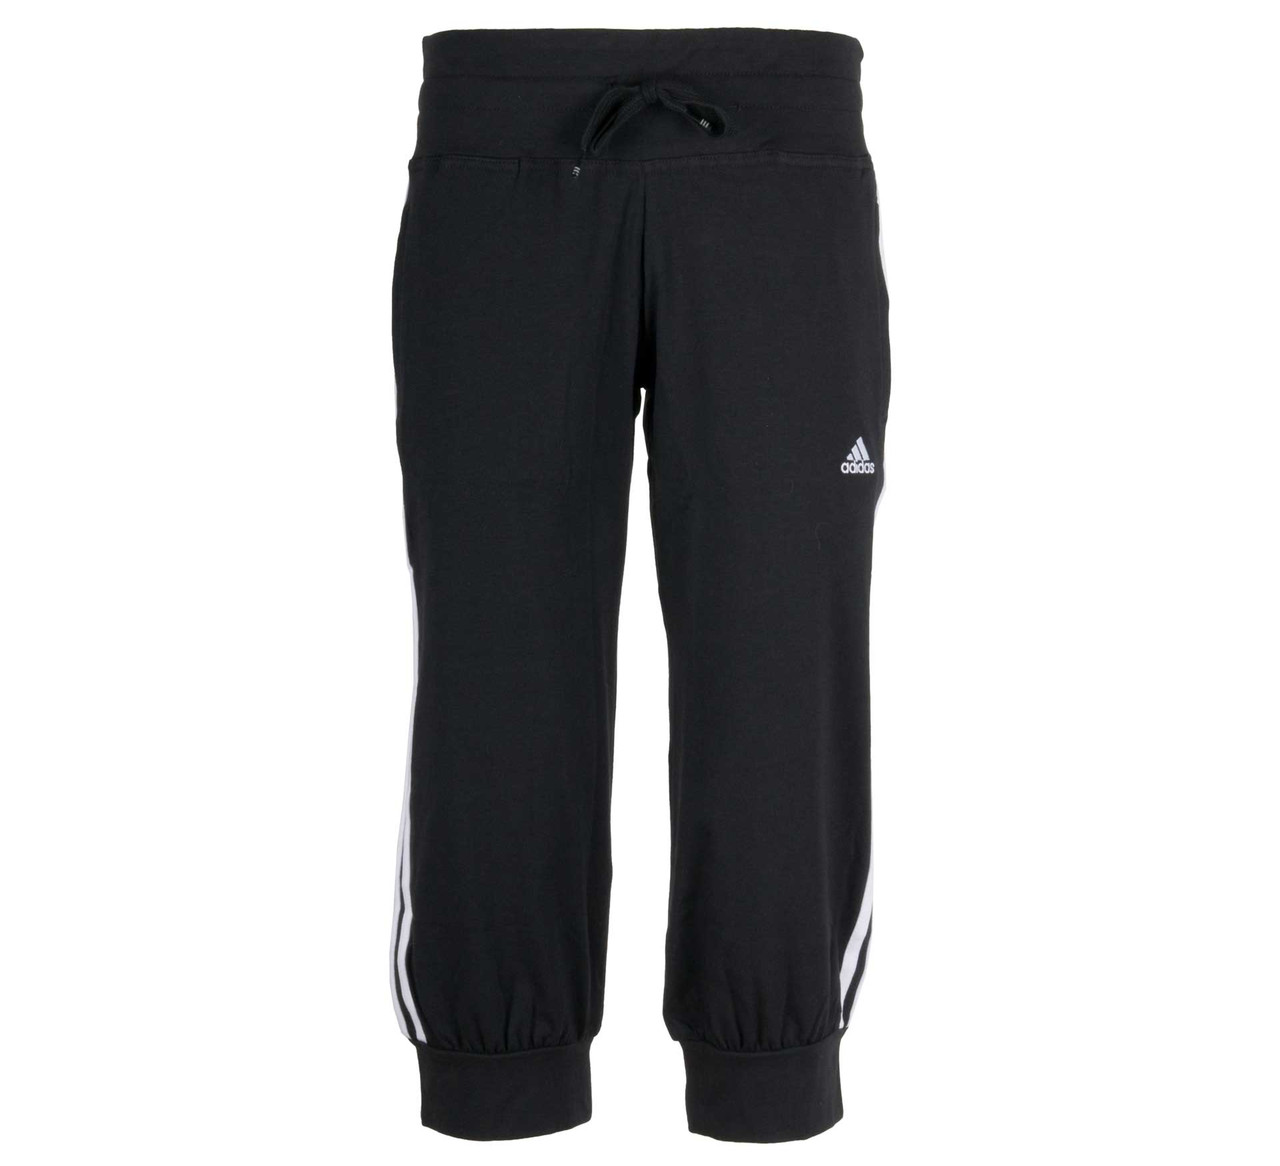 Бриджи спортивные, женские Adidas Ess 3S 3/4 Pant E89333 адидас